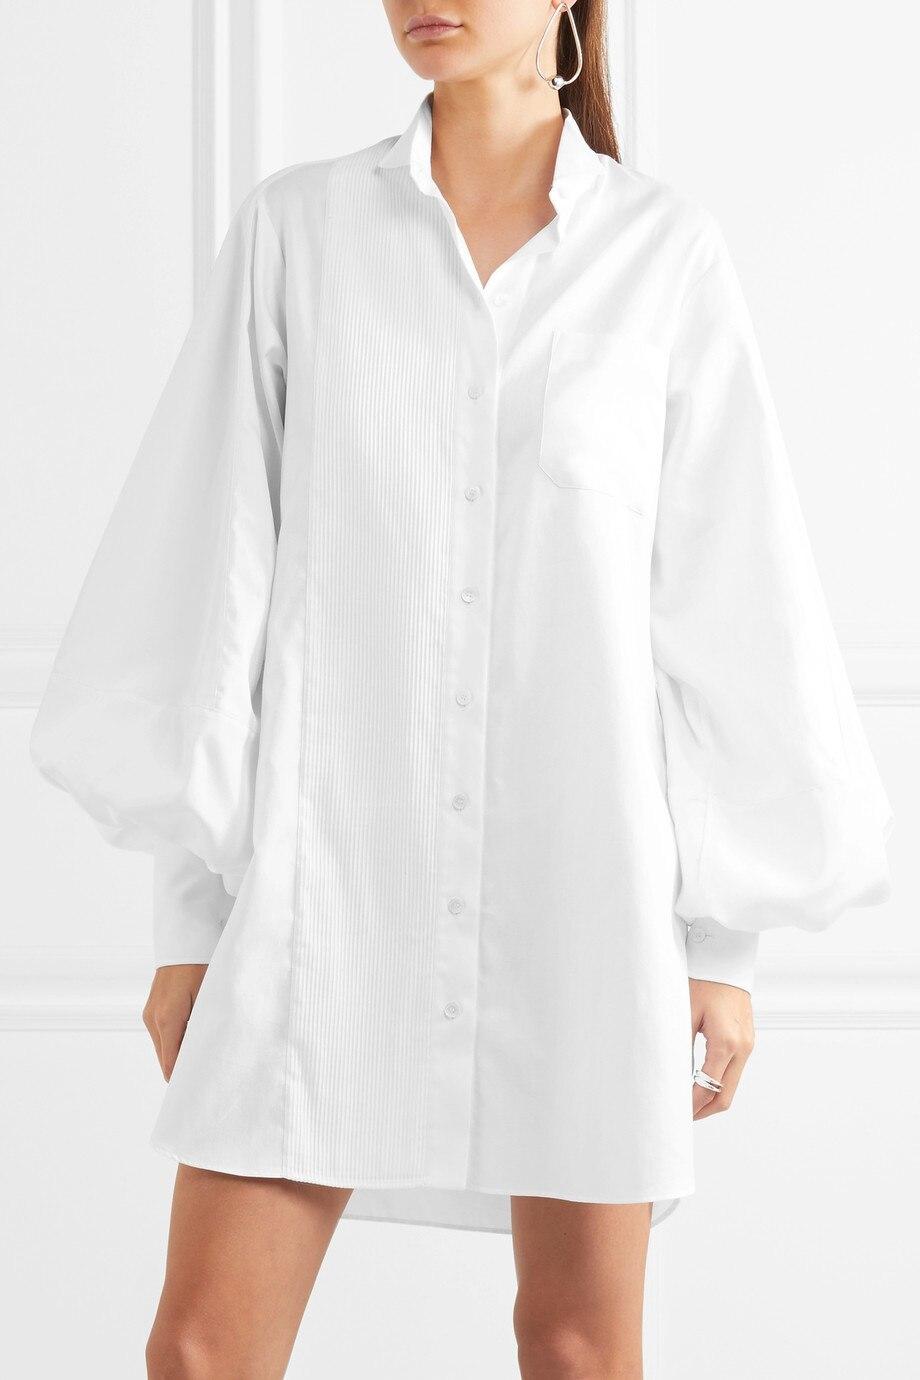 PADEGAO отложным Воротником епископ рукава дамы белые рубашки с длинным 2017 летняя мода женщины топы и случайные Взлетно-Посадочной Полосы блузки женский